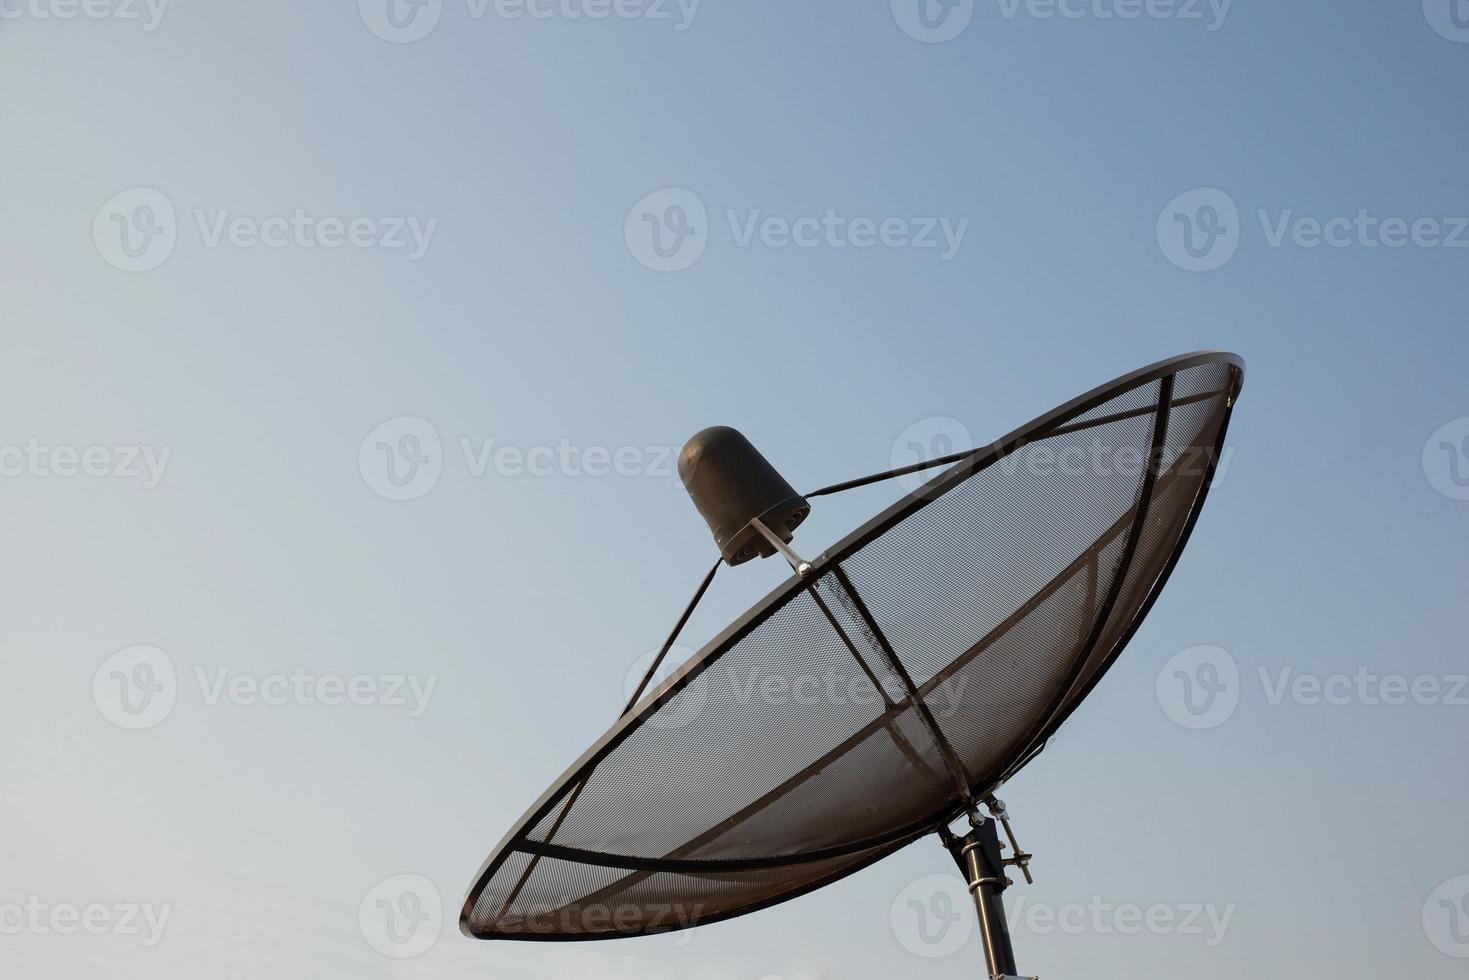 grande parabola satellitare nera. foto